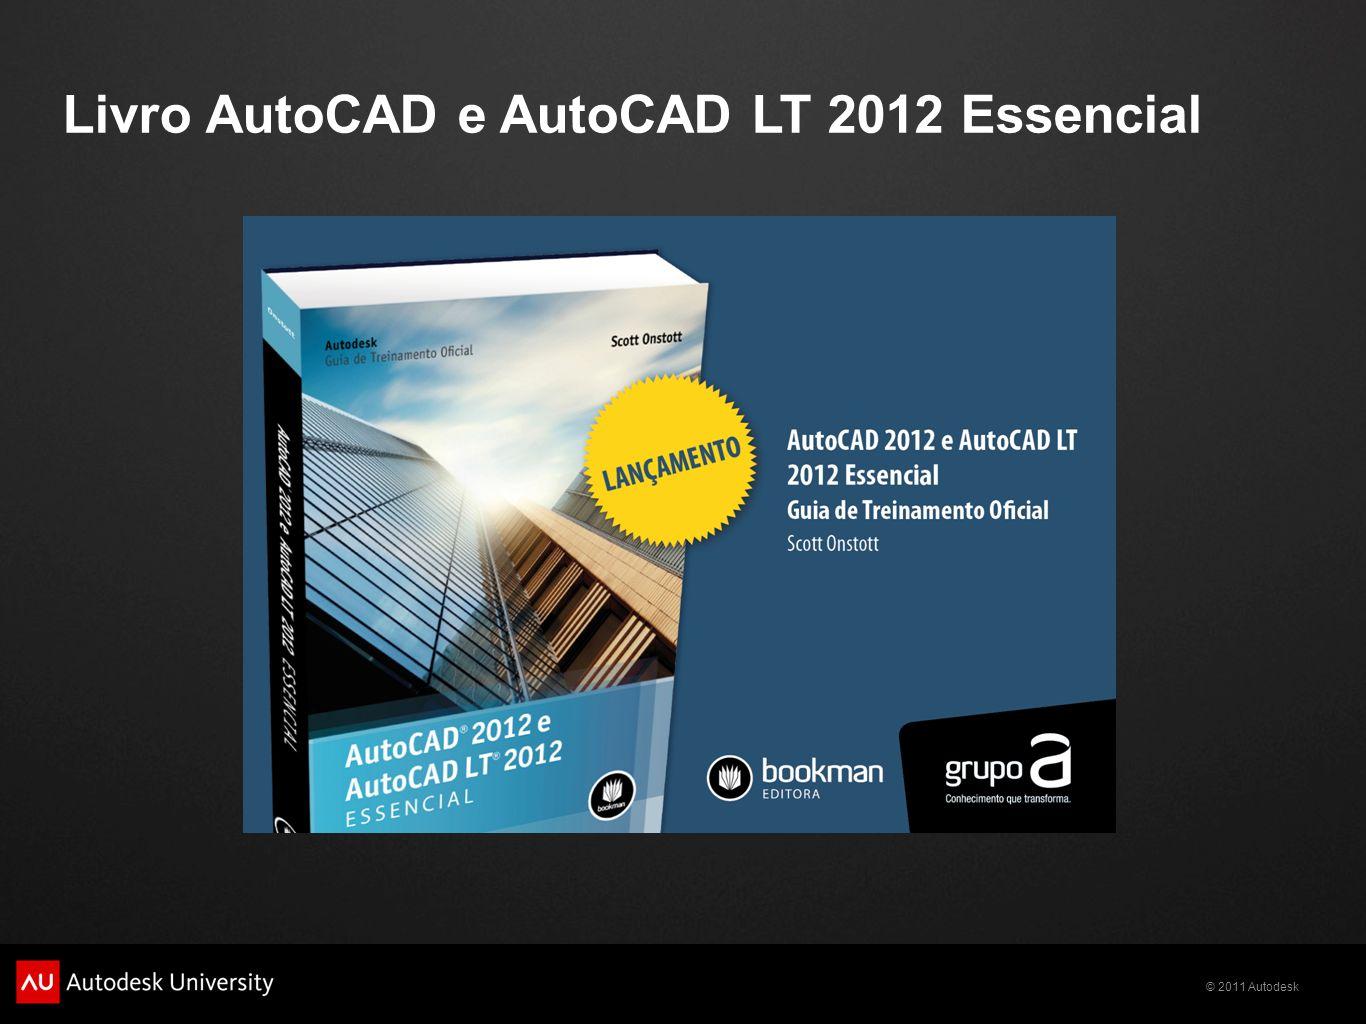 Livro AutoCAD e AutoCAD LT 2012 Essencial